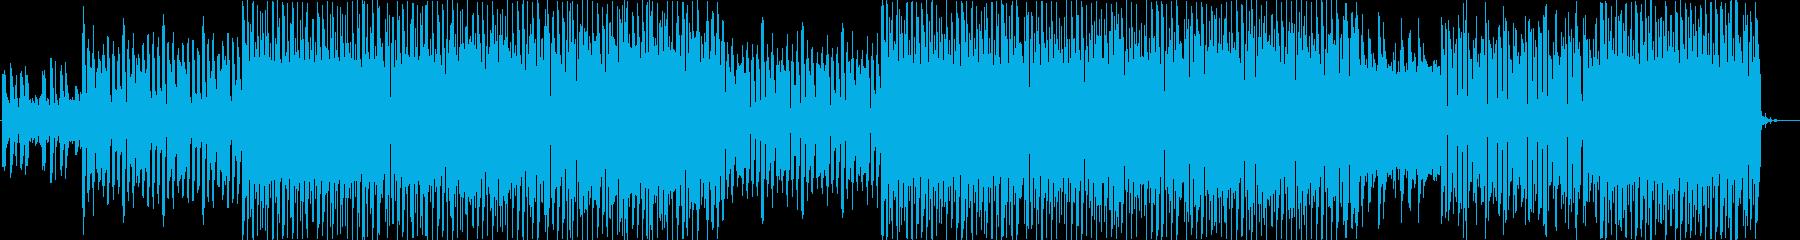 レトロフューチャー的なエレクトロ風楽曲…の再生済みの波形